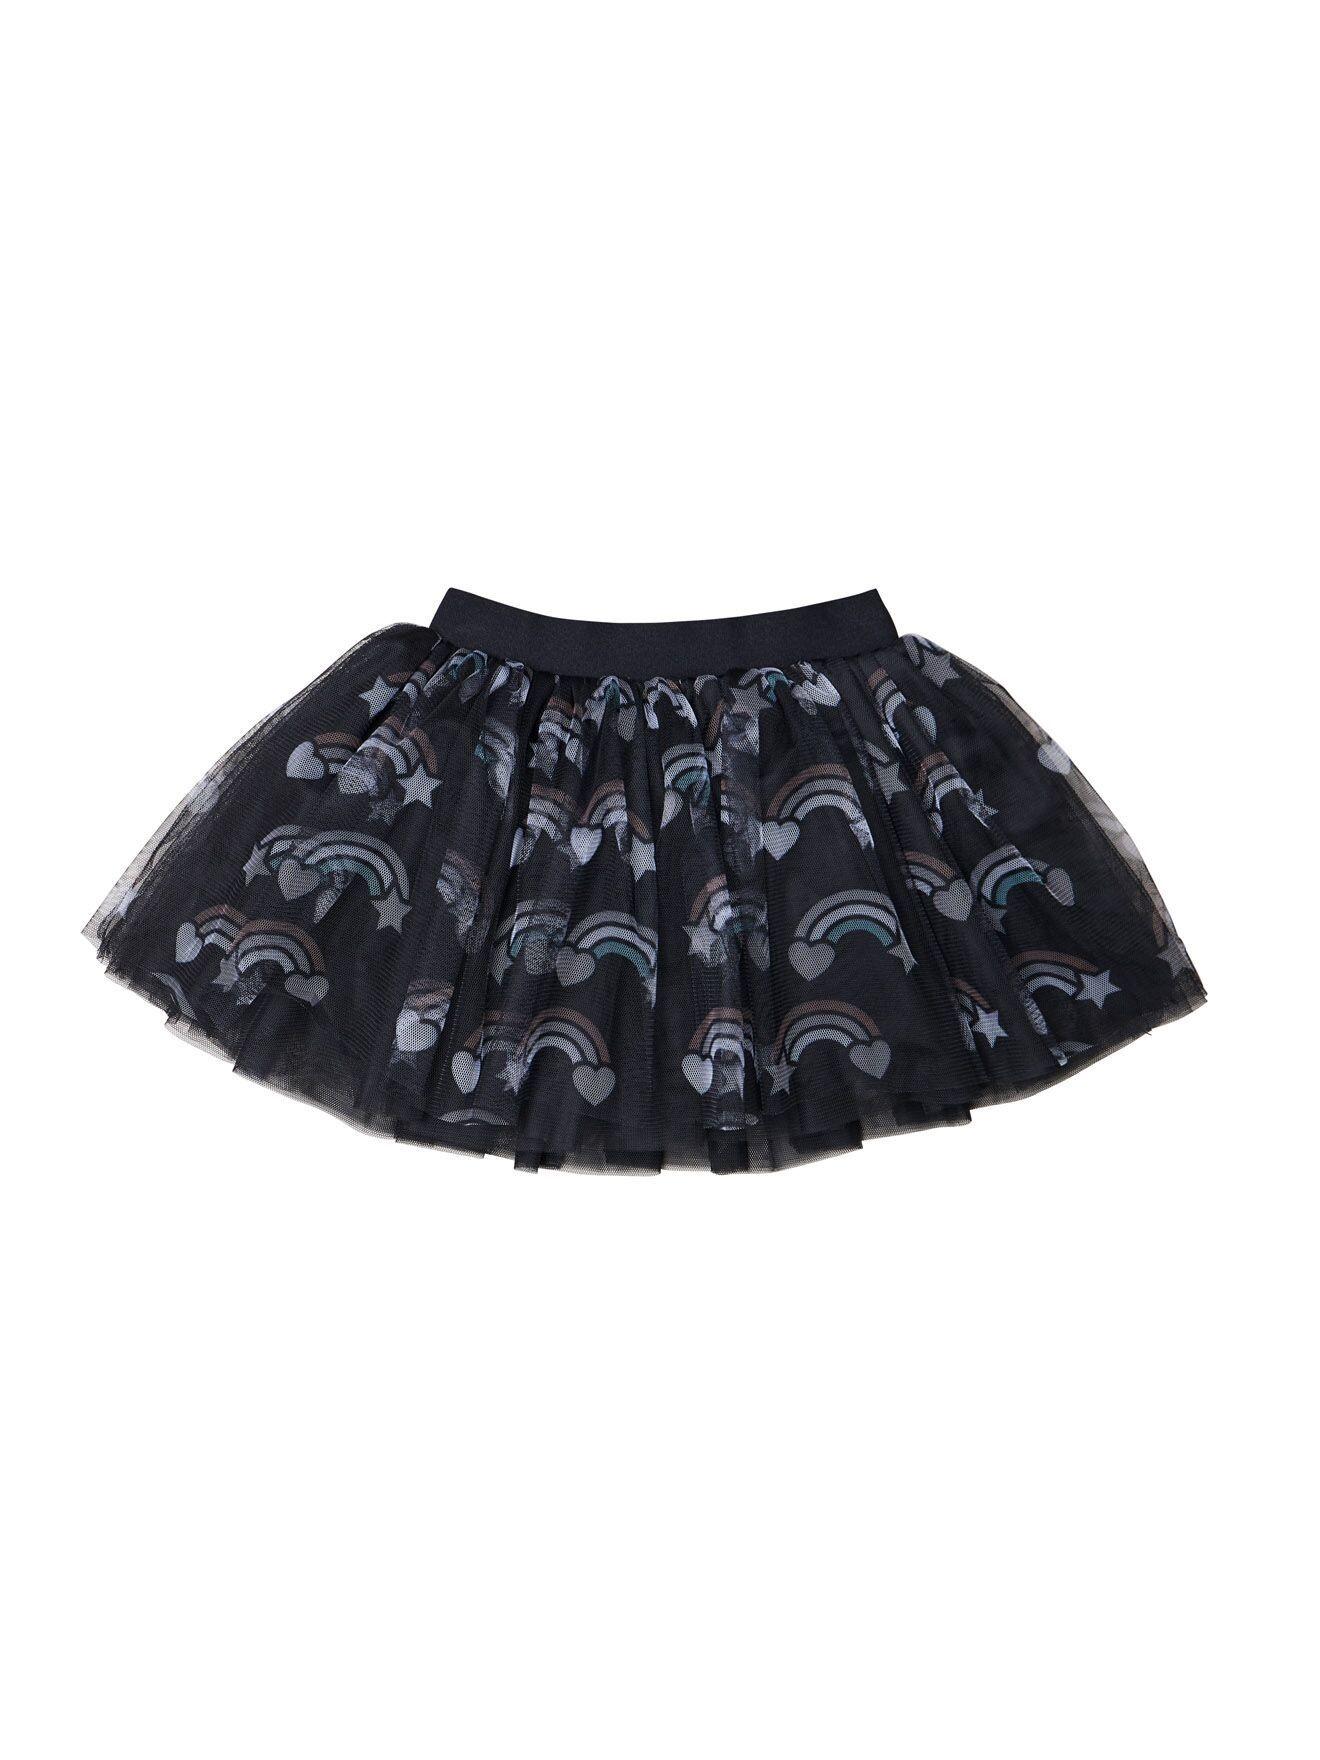 HUX BABY Rainbow Tulle Skirt